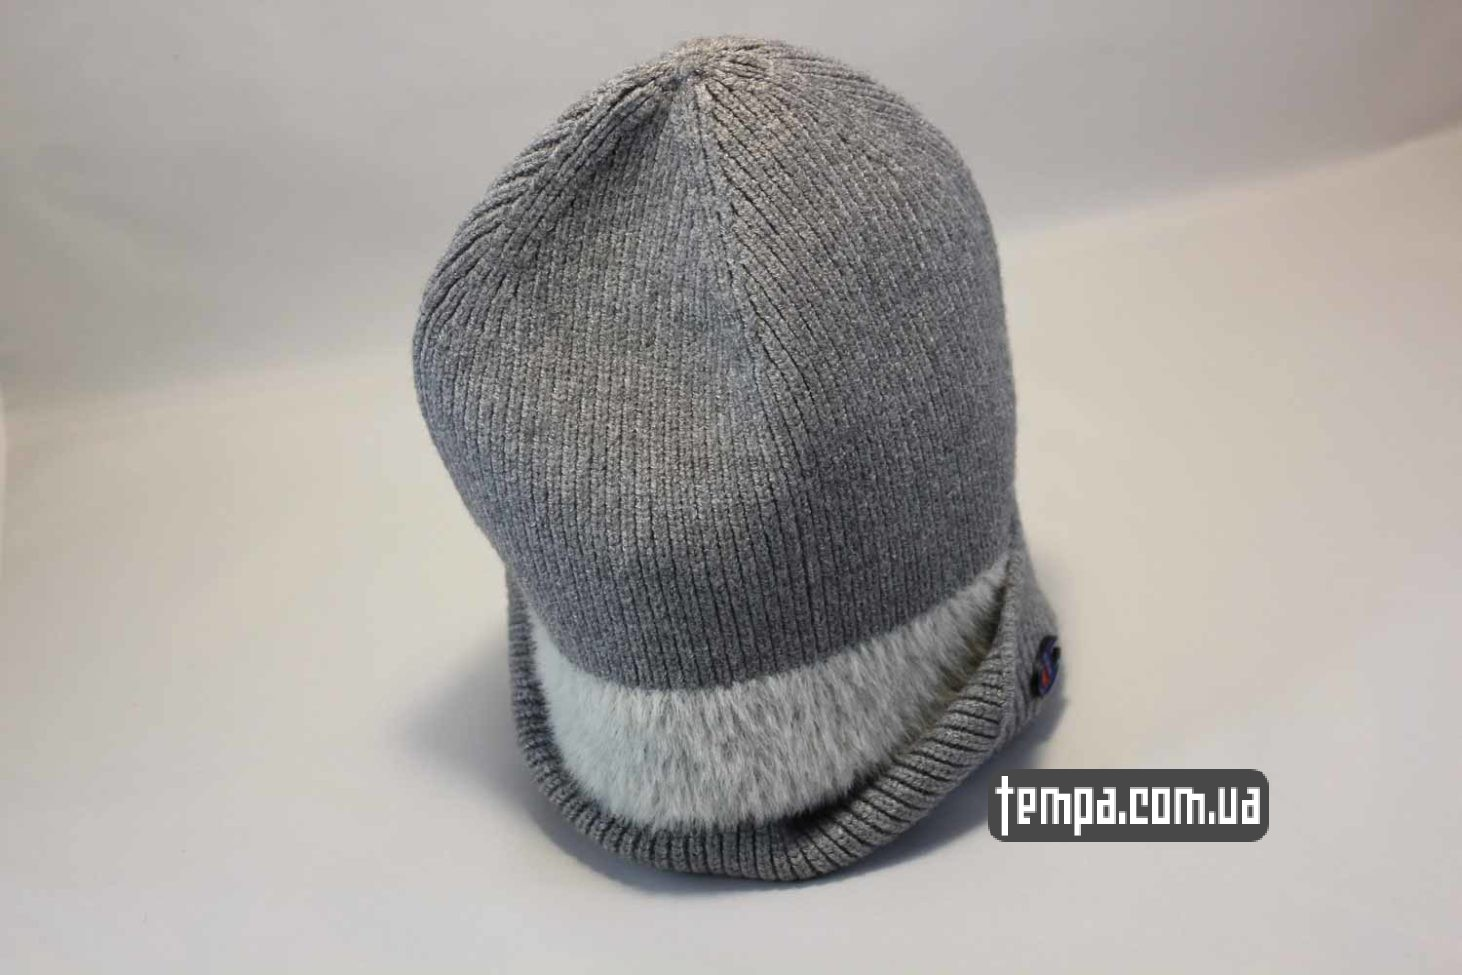 теплая зимняя шапка beanie champion серая Украина купить